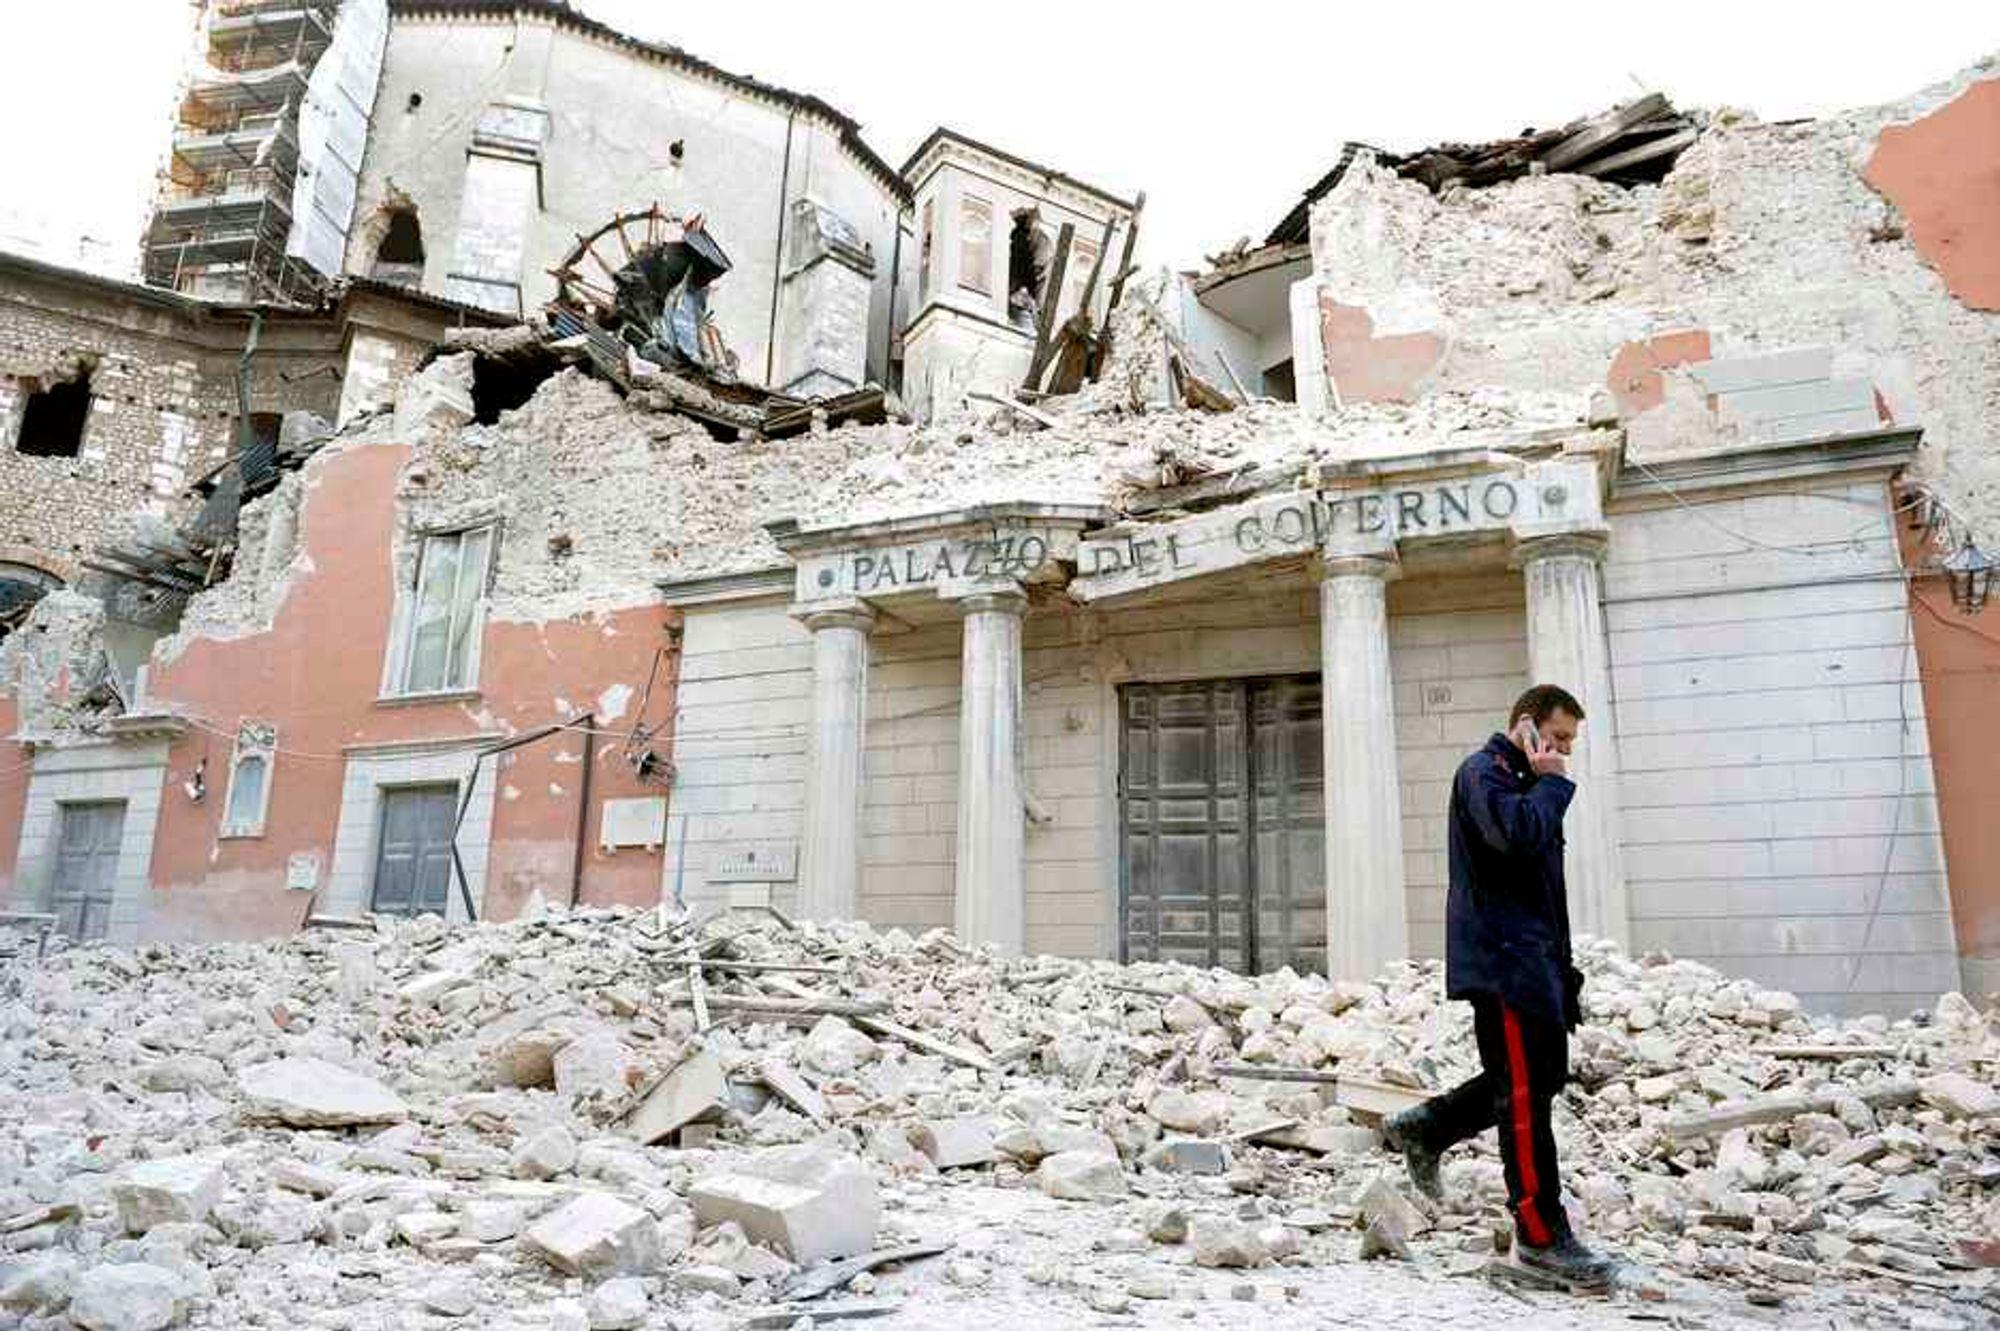 RASERT: En italiensk politimann går forbi ett av husene som raste sammen under nattens jordskjelv. Mange er drept fordi husene deres raste sammen.